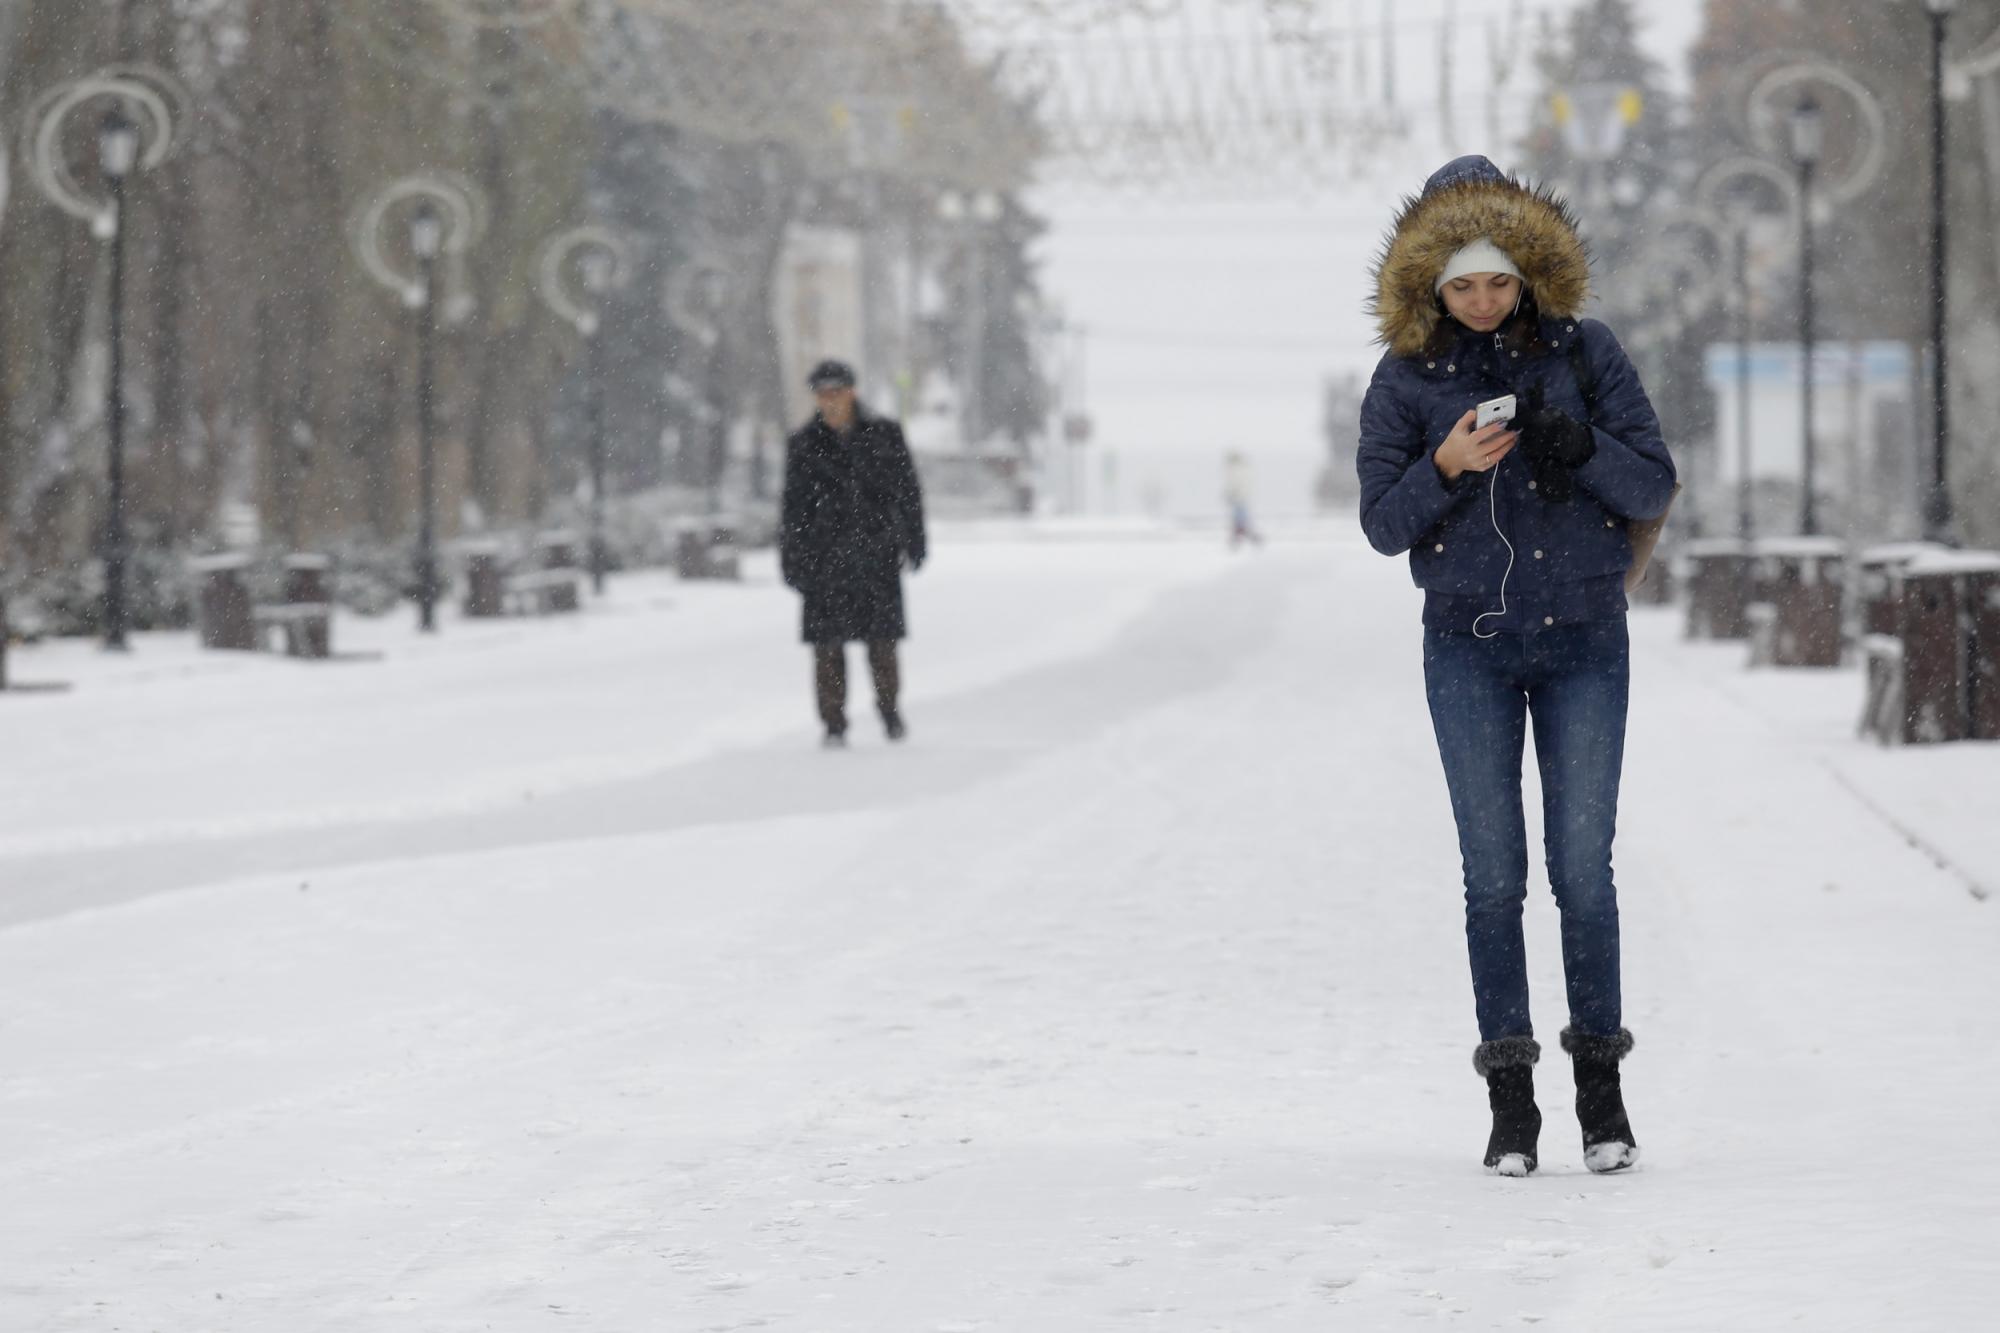 Кпятнице вВолгоградской области может похолодать до